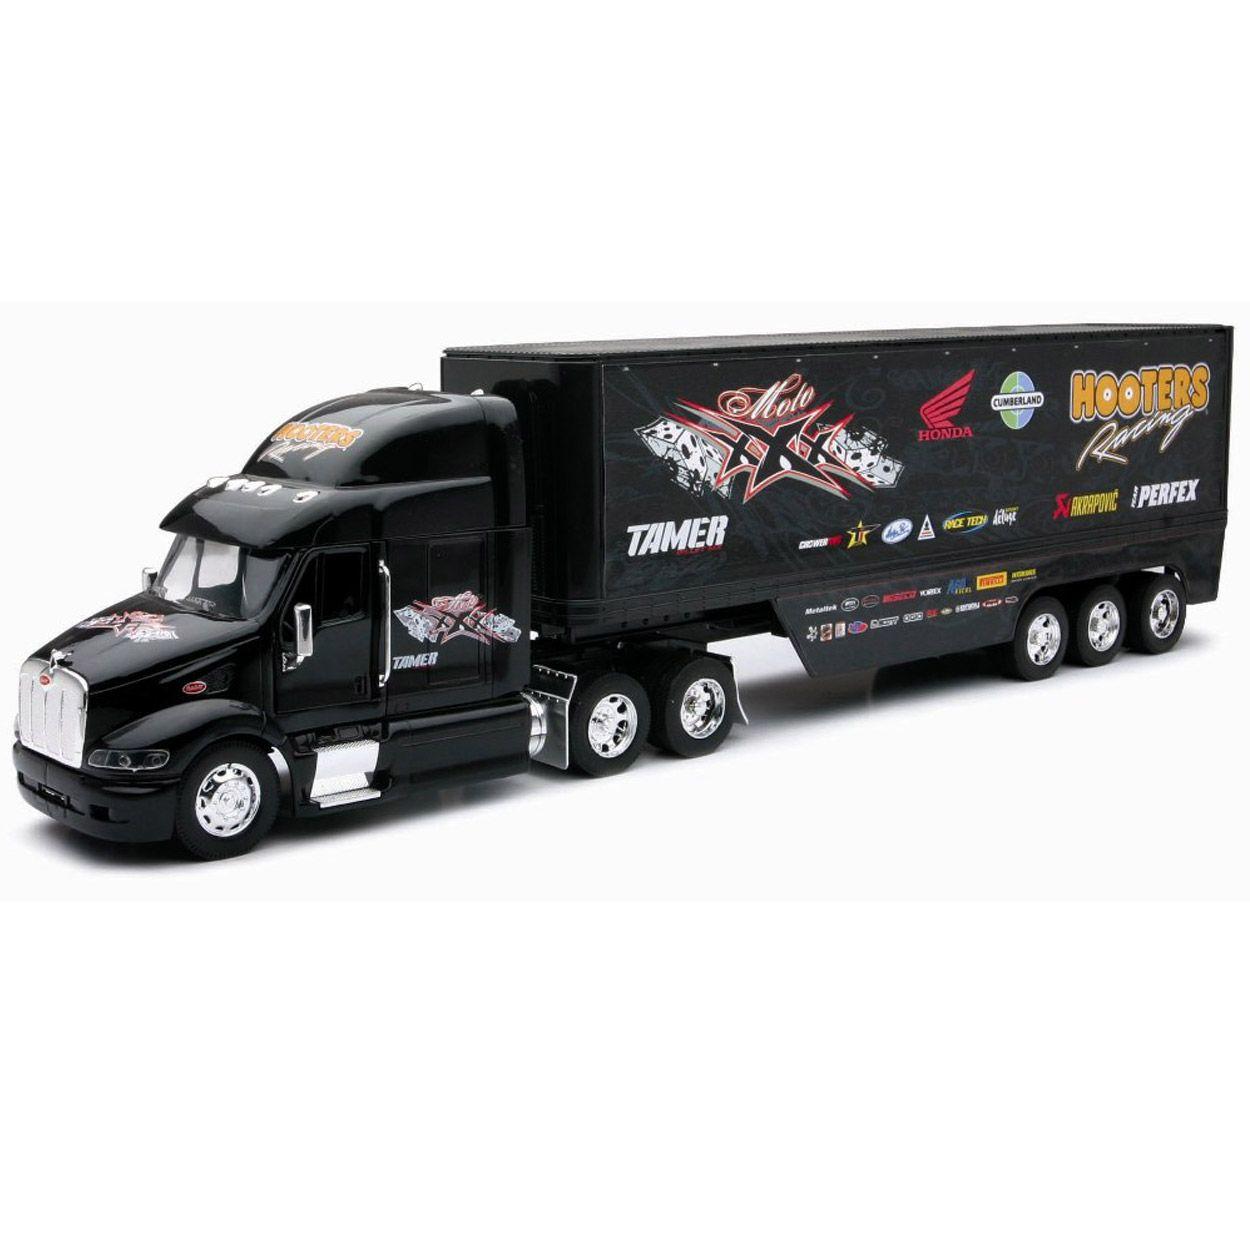 Miniatuur Truck Honda Hooters 1:32